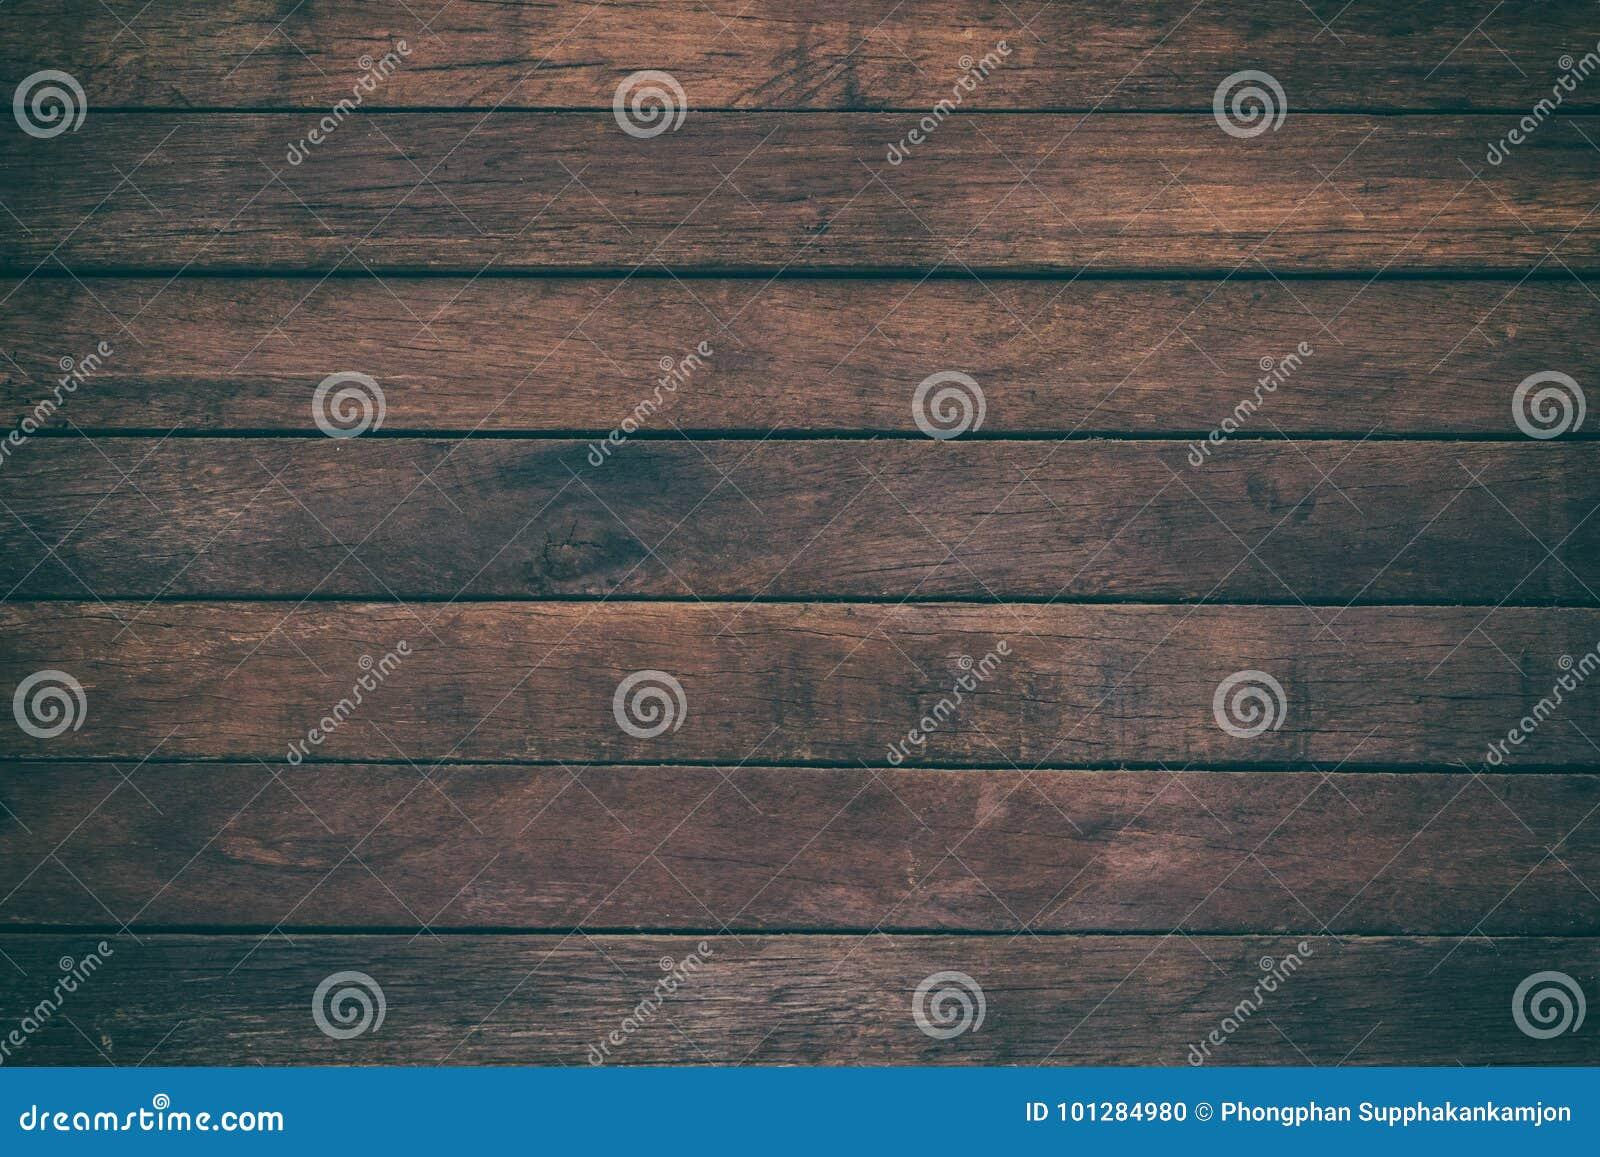 La table en bois extérieure de vintage et le grain rustique donnent au fond une consistance rugueuse